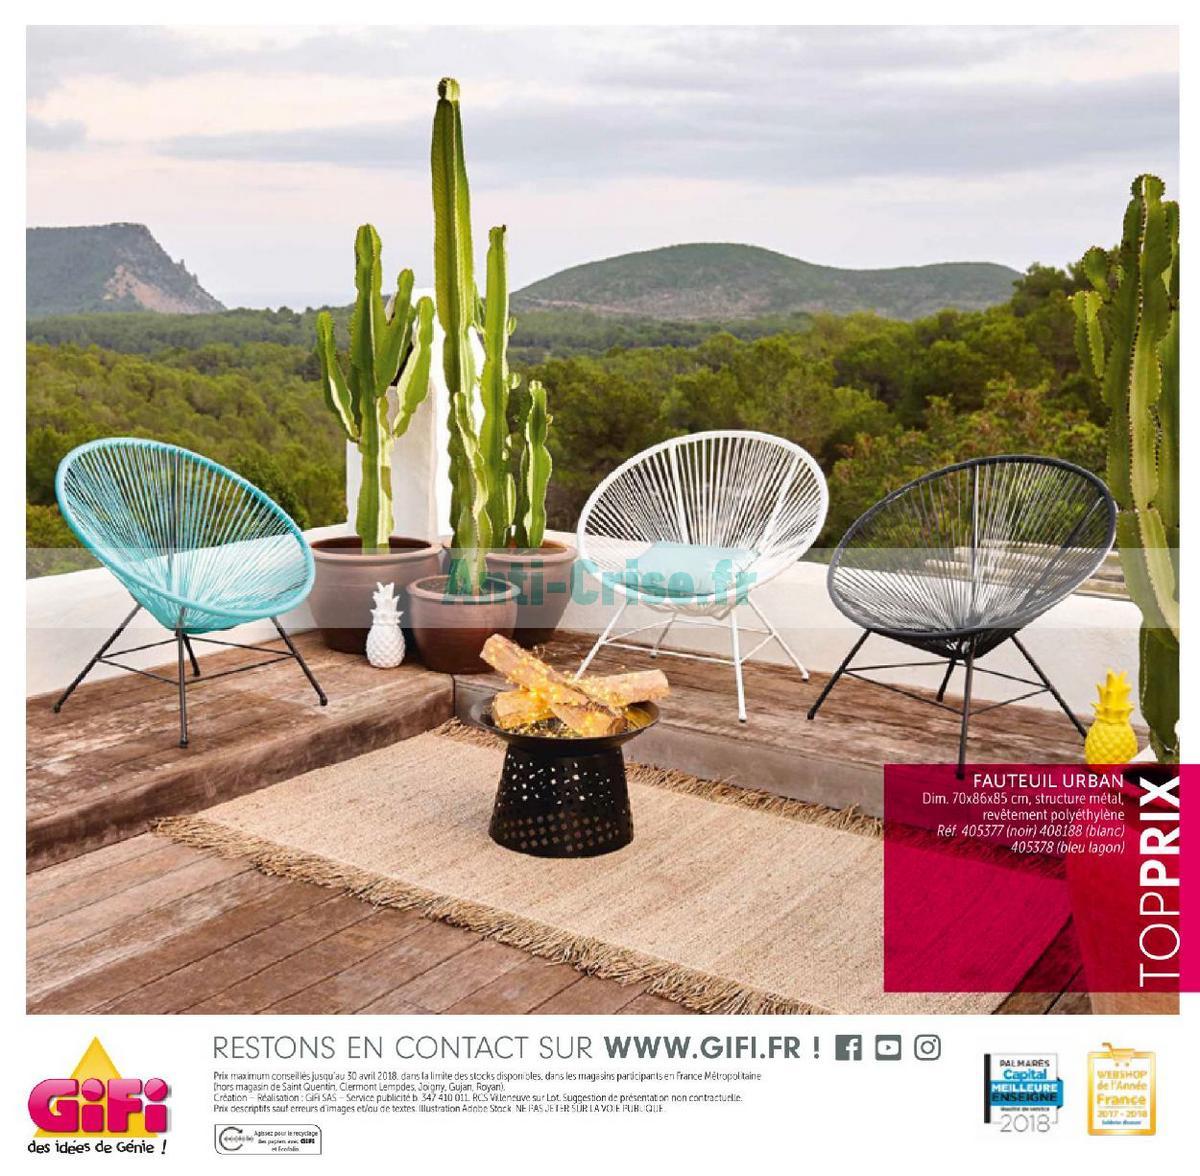 aout2018 Catalogue Gifi du 1er mai au 31 août 2018 (Plein Air) (196)